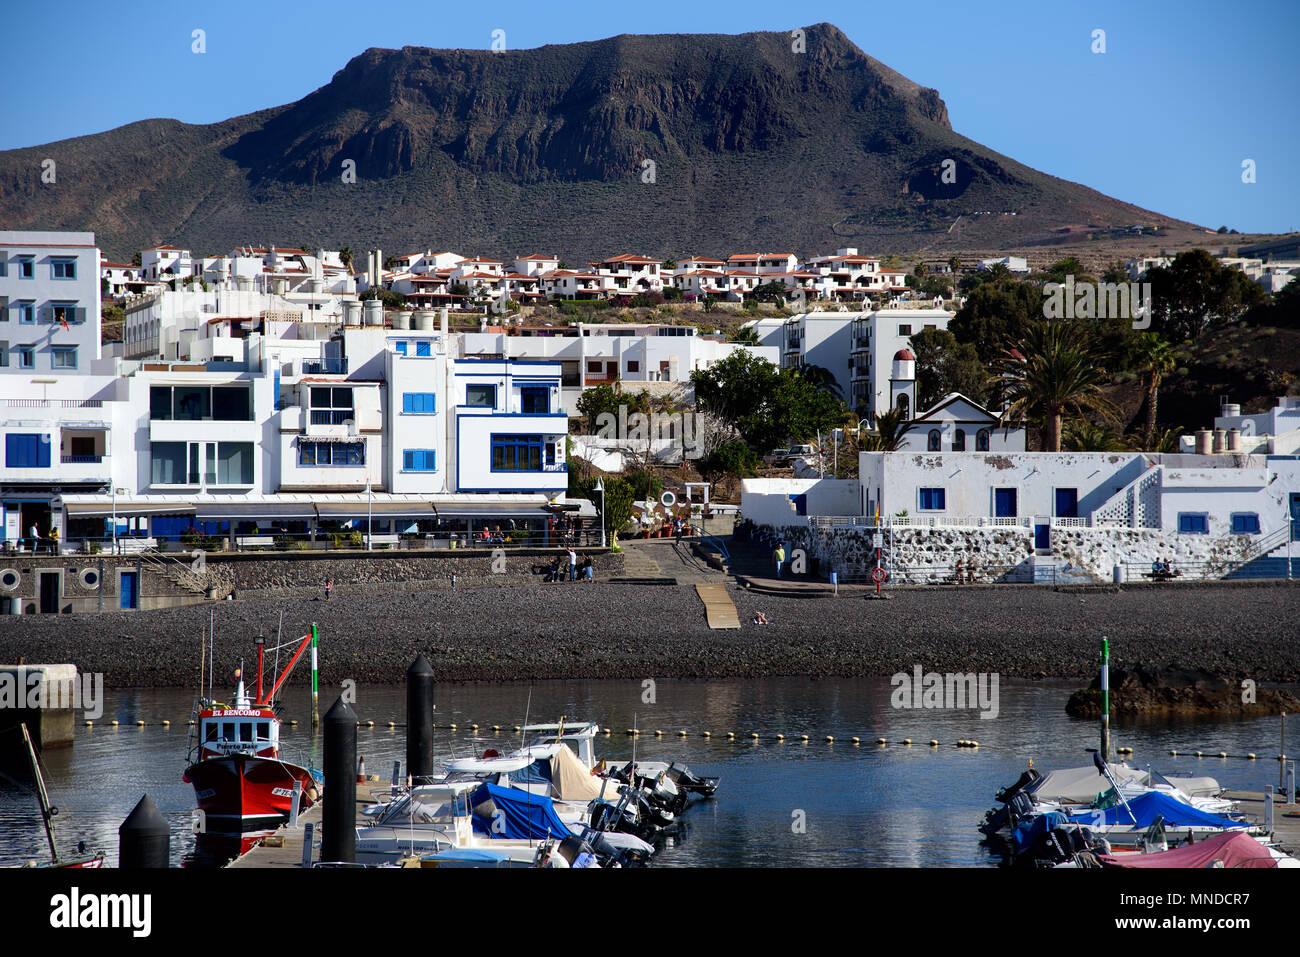 Agaete Gran Canarias, Span - 24 Dezember, 2017 Agaete auf Gran Canaria, Spanien. Strand und Hafen im kleinen Dorf Agaete auf Gran Kanaren. Stockbild